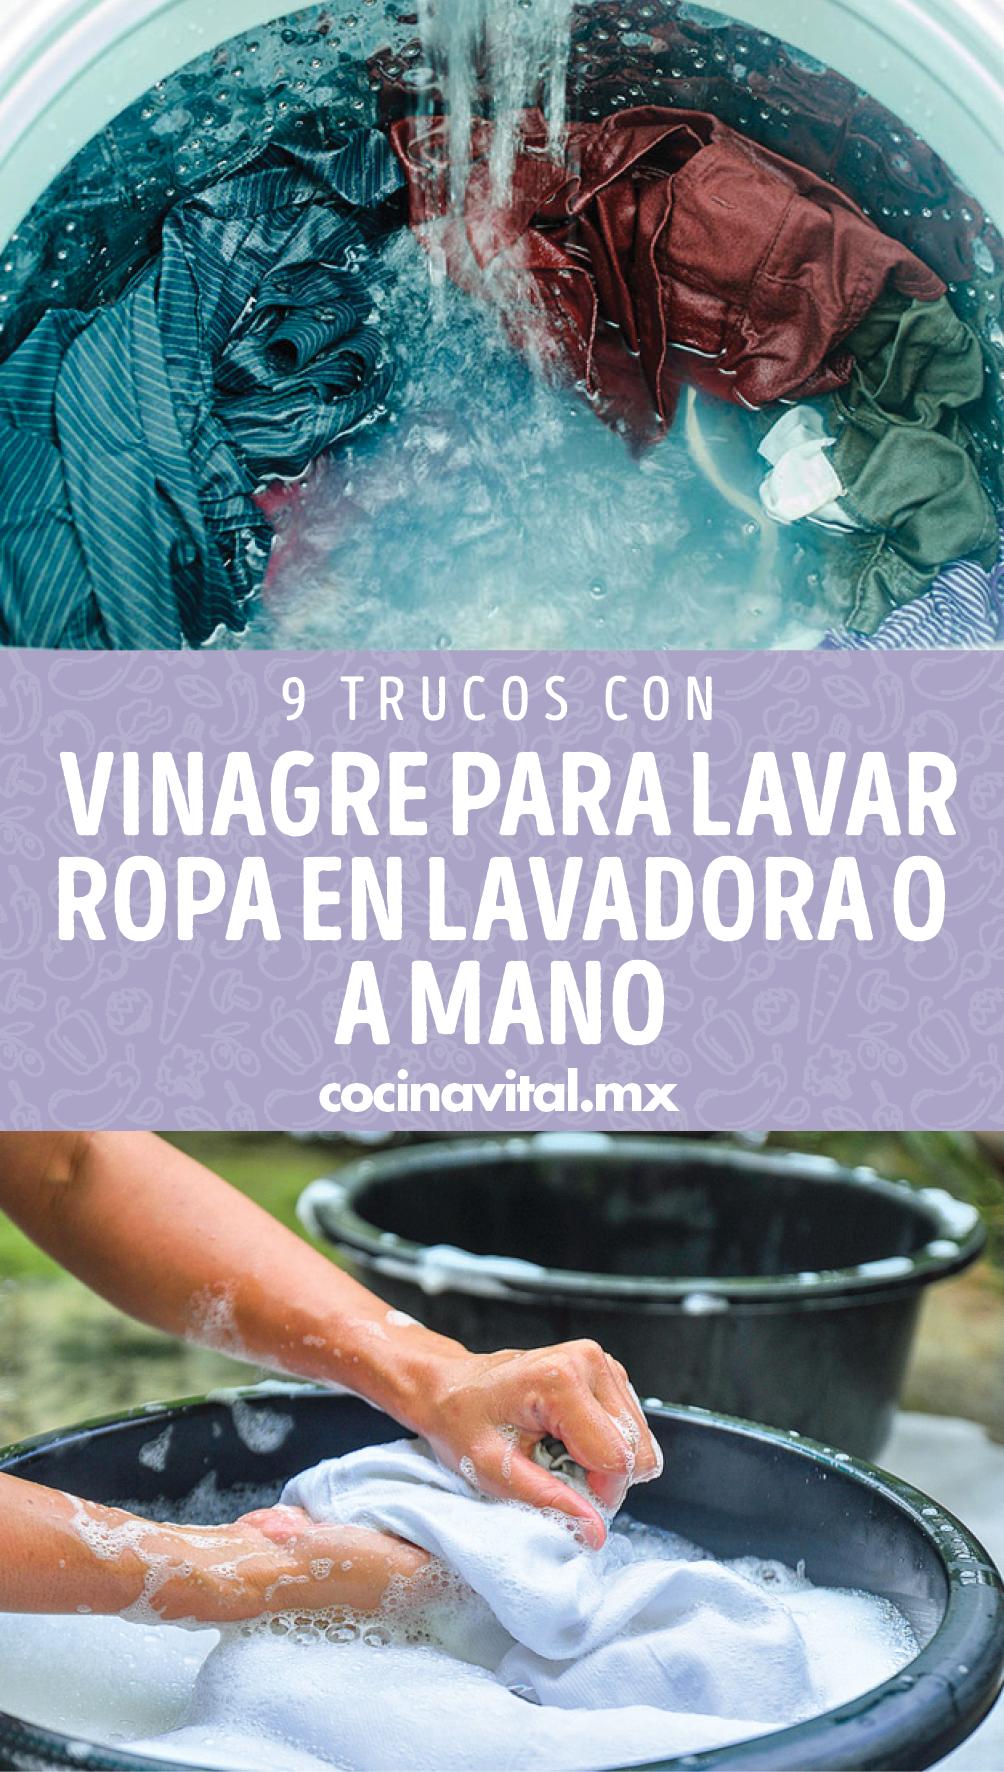 9 Trucos Con Vinagre Para Lavar Ropa En Lavadora O A Mano Consejos De Limpieza Trucos De Limpieza Productos De Limpieza Caseros